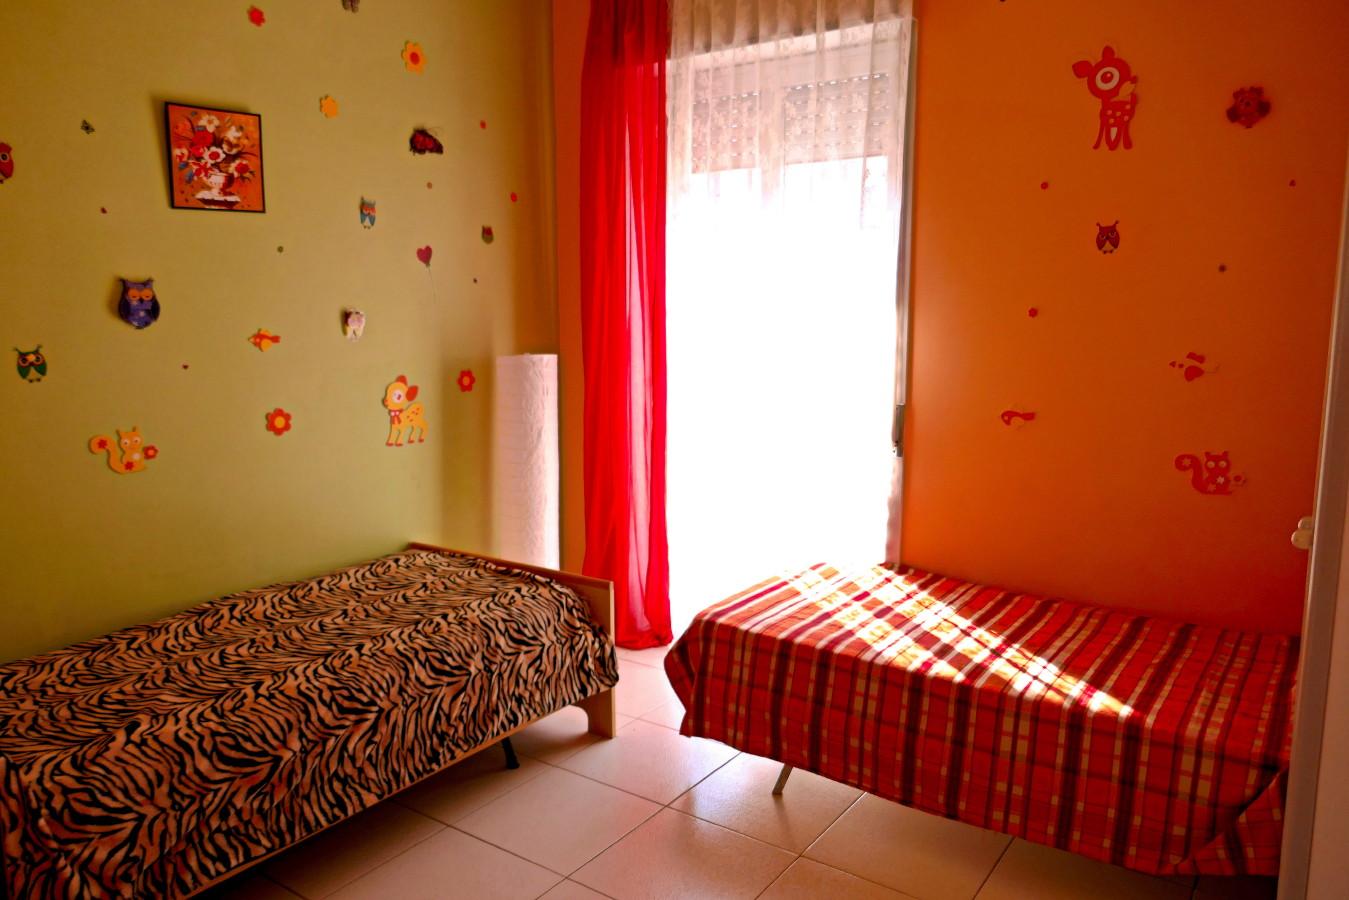 Kinderzimmer in bunten Farbtönen.